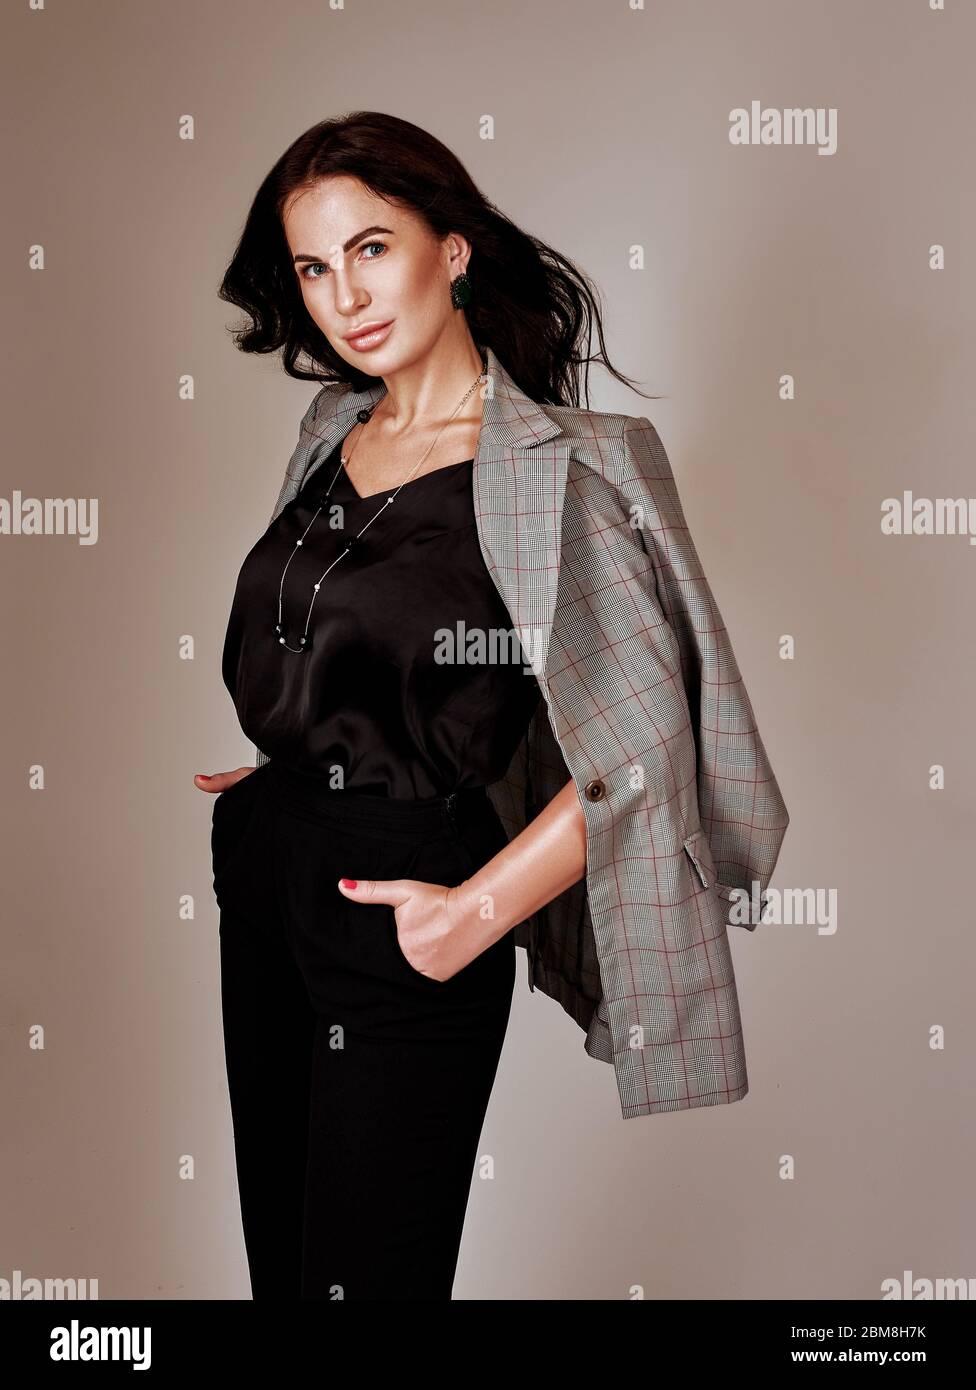 Portrait de la jeune femme d'affaires merveilleuse sur fond gris avec espace de copie. Banque D'Images